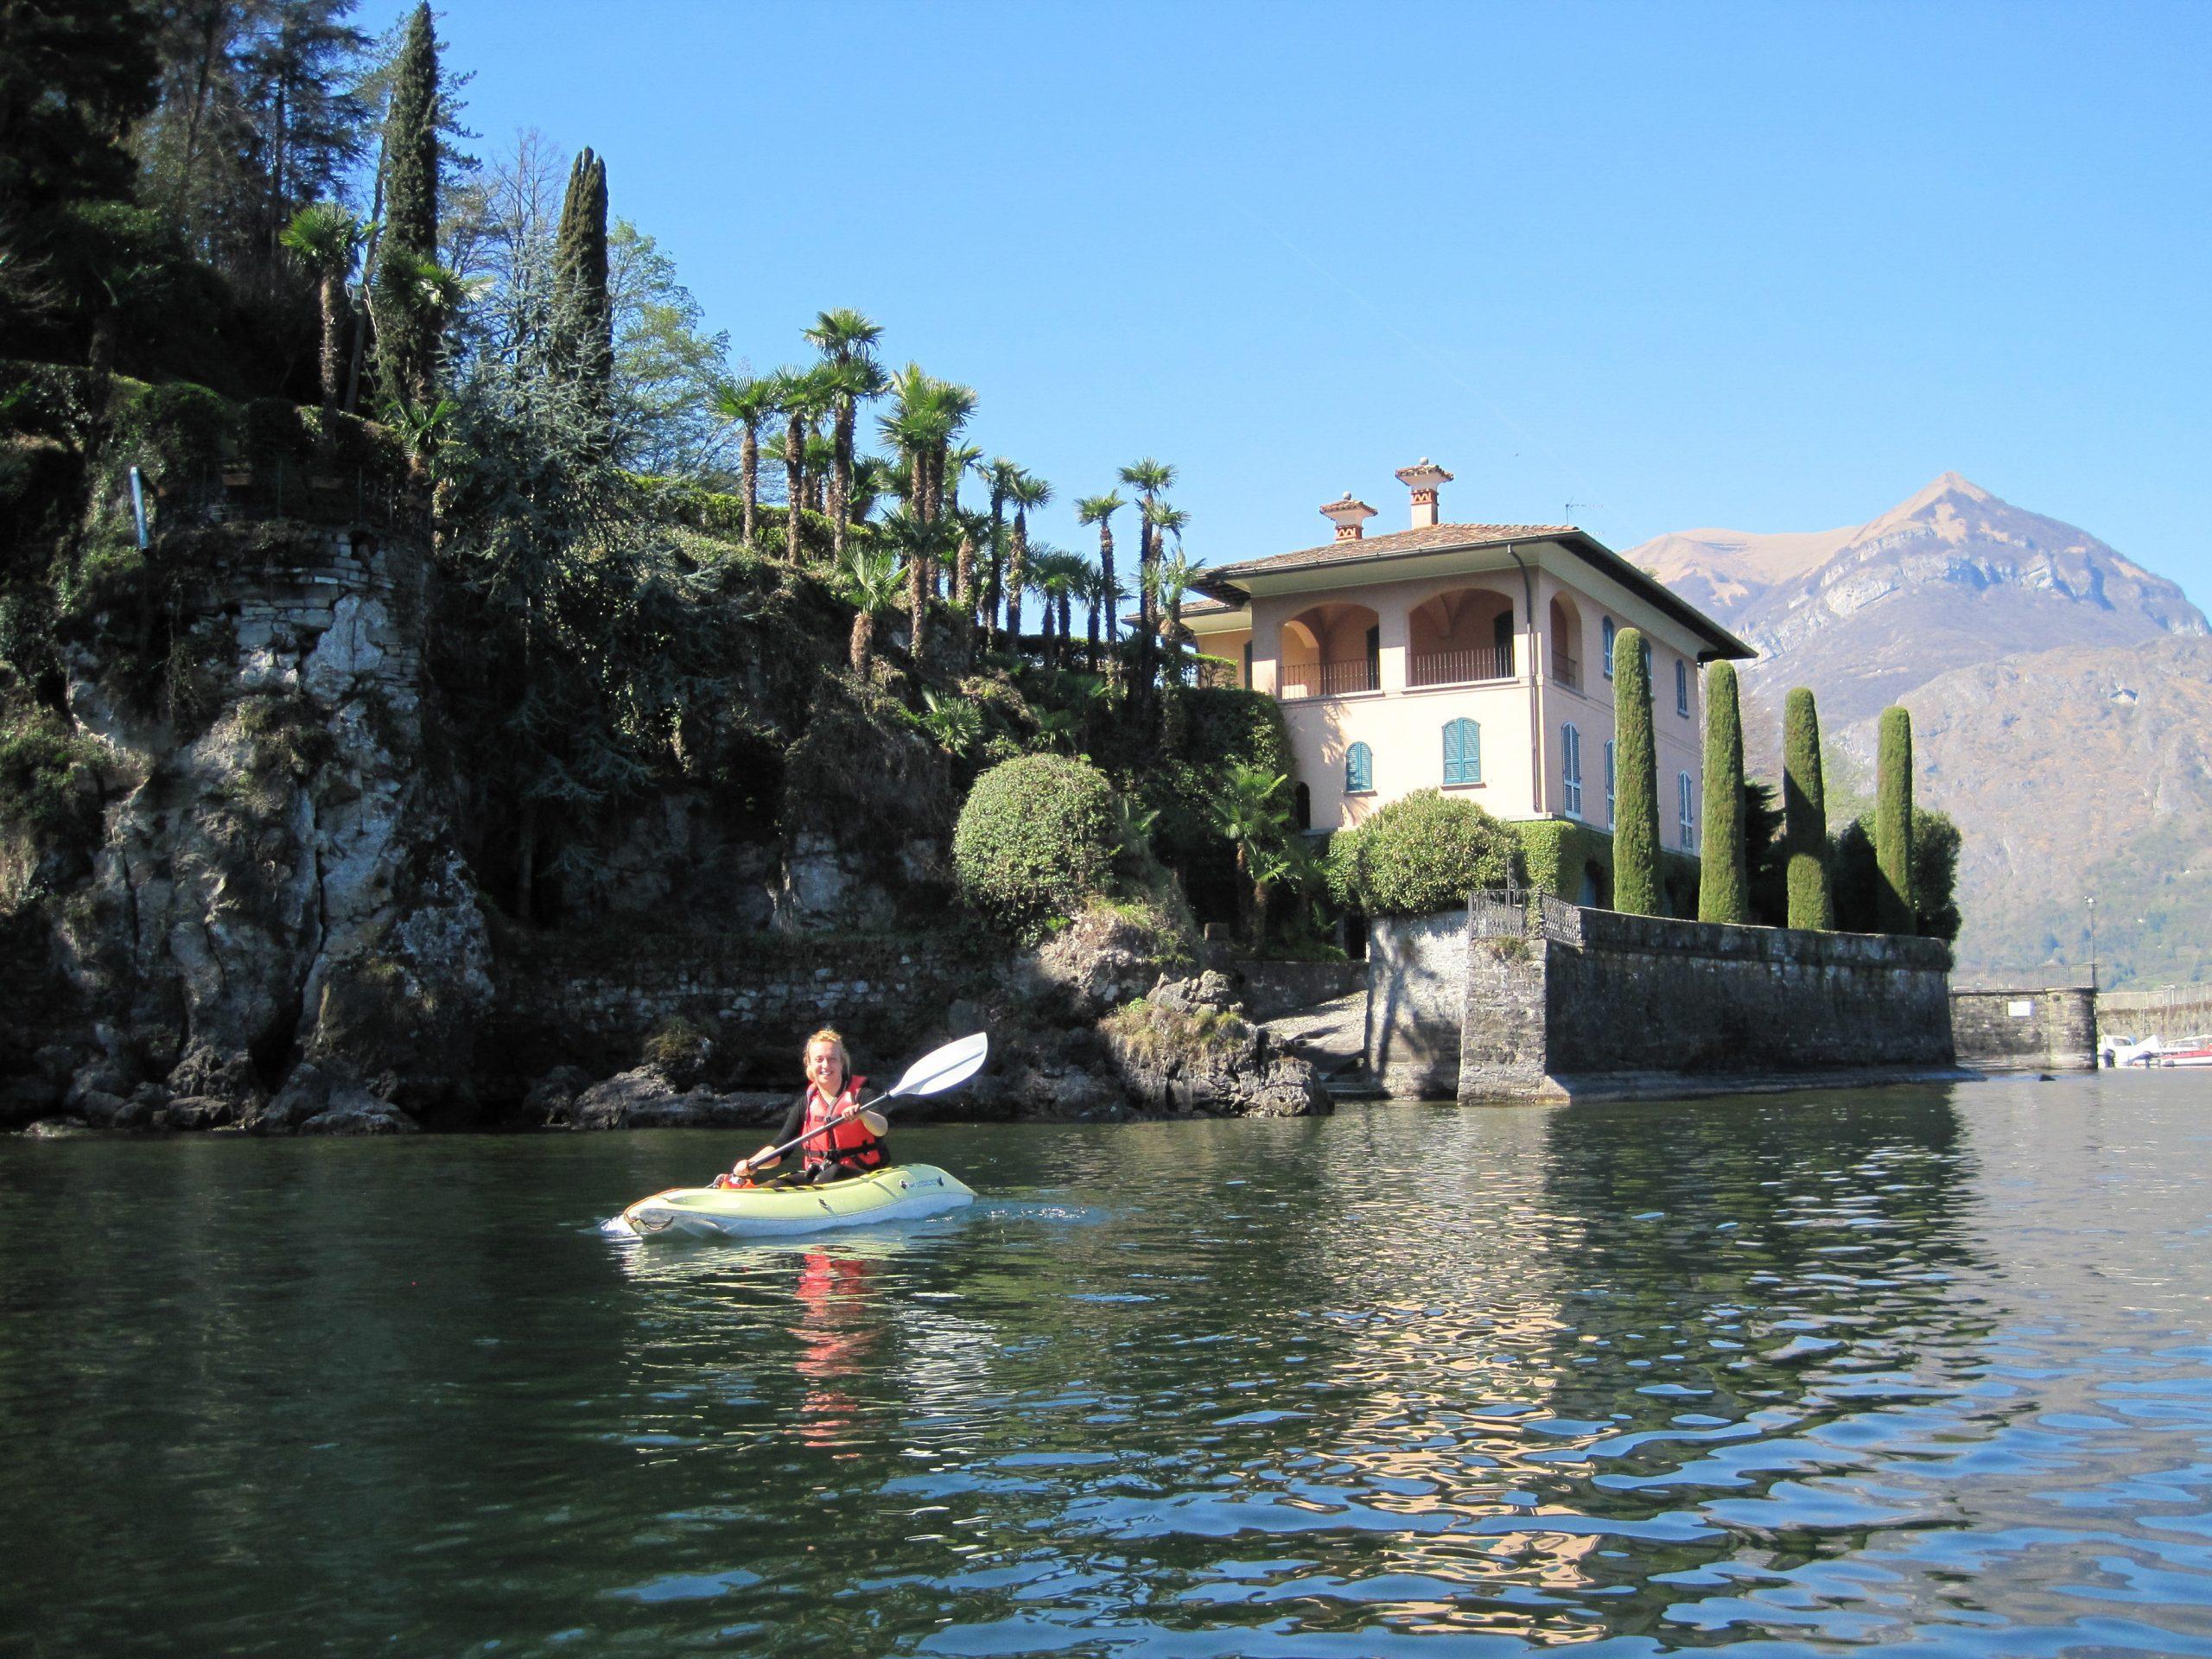 Kayaking near the villas on Lake Como